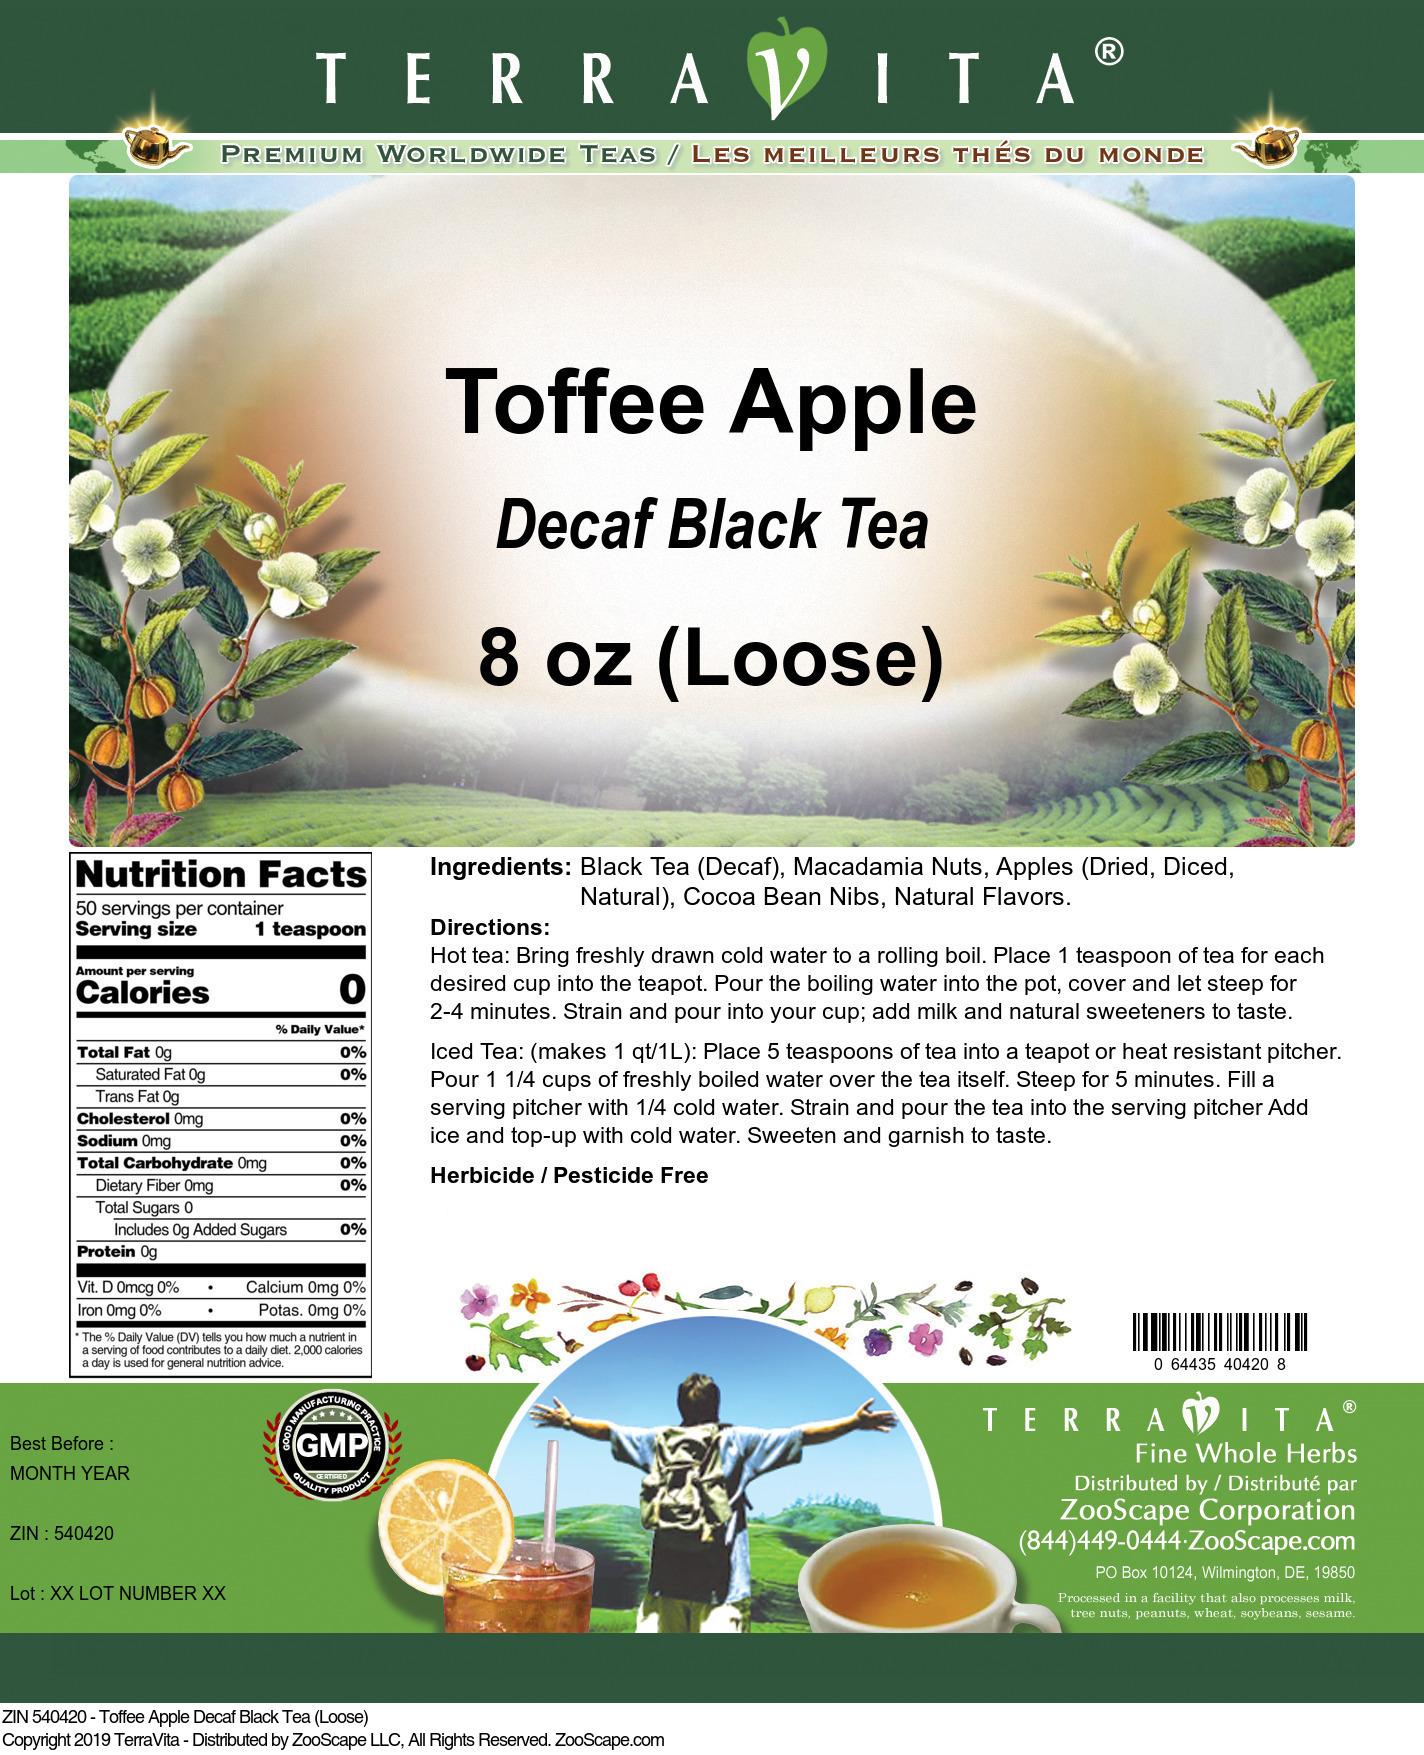 Toffee Apple Decaf Black Tea (Loose)